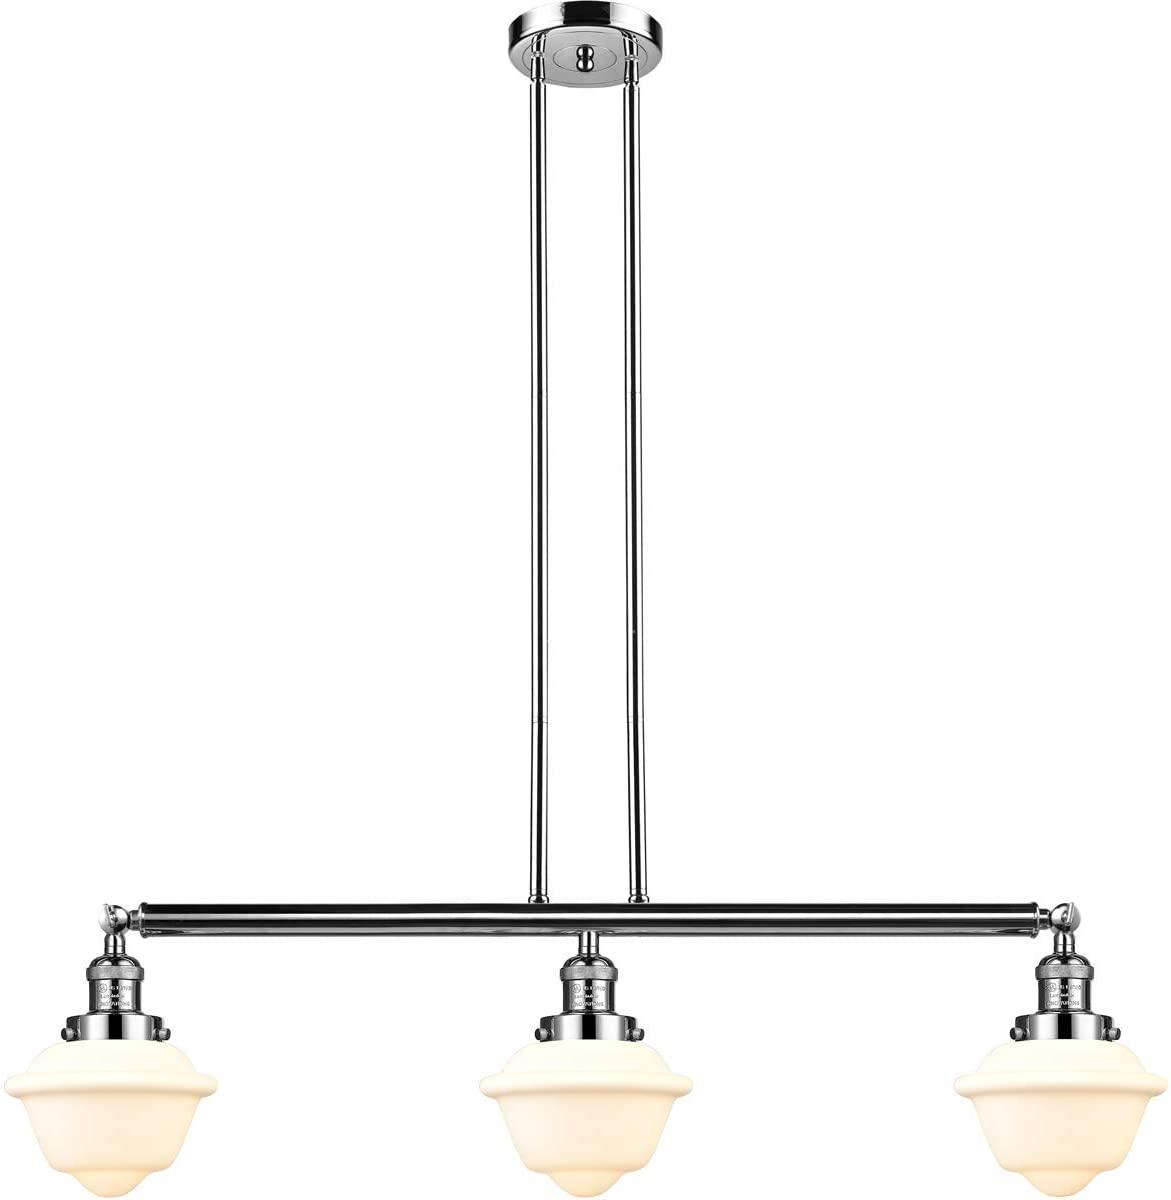 Innovations 213-PN-S-G531-LED 3 Vintage Dimmable LED Adjustable Island Light, Polished Nickel